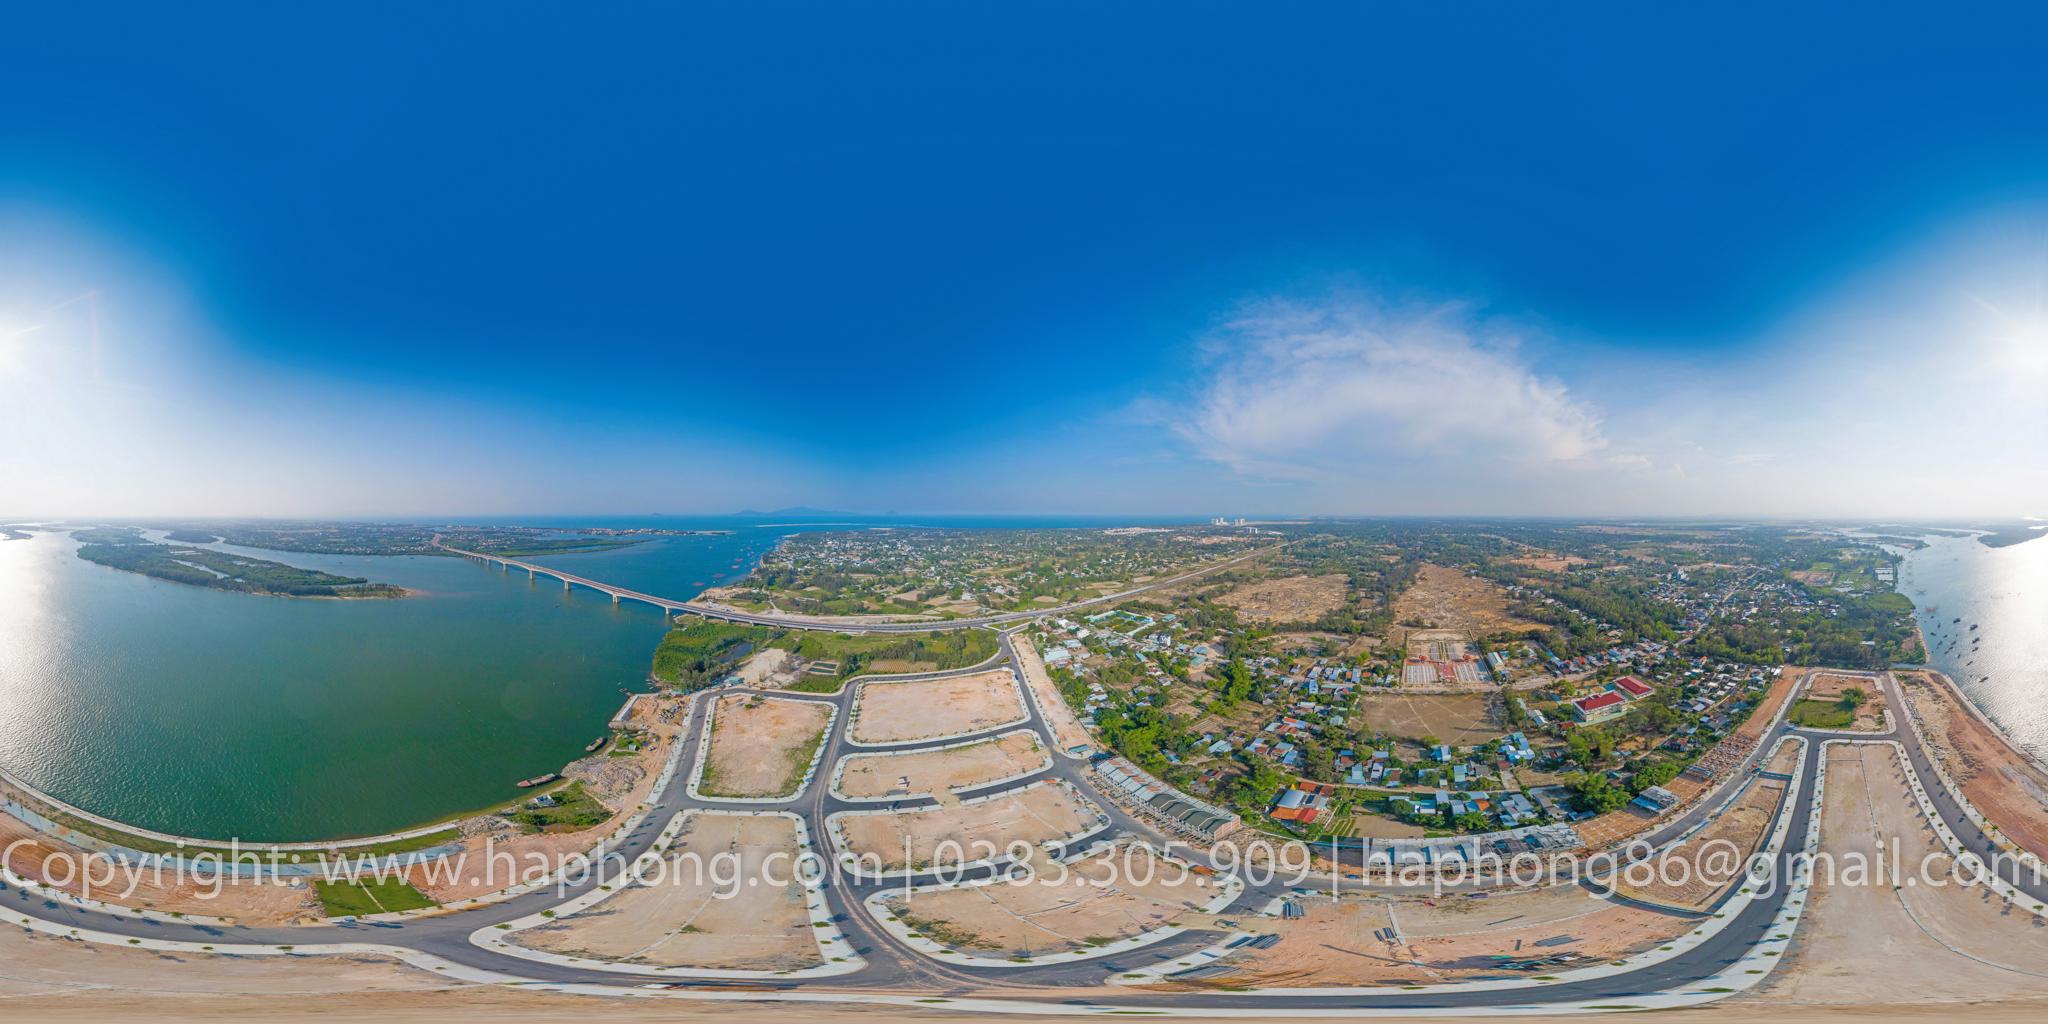 CHỤP ẢNH 360, 360 VIRTUAL TOURS, GOOGLE BUSINESS VIEW: Nam Hội An, Quảng Nam